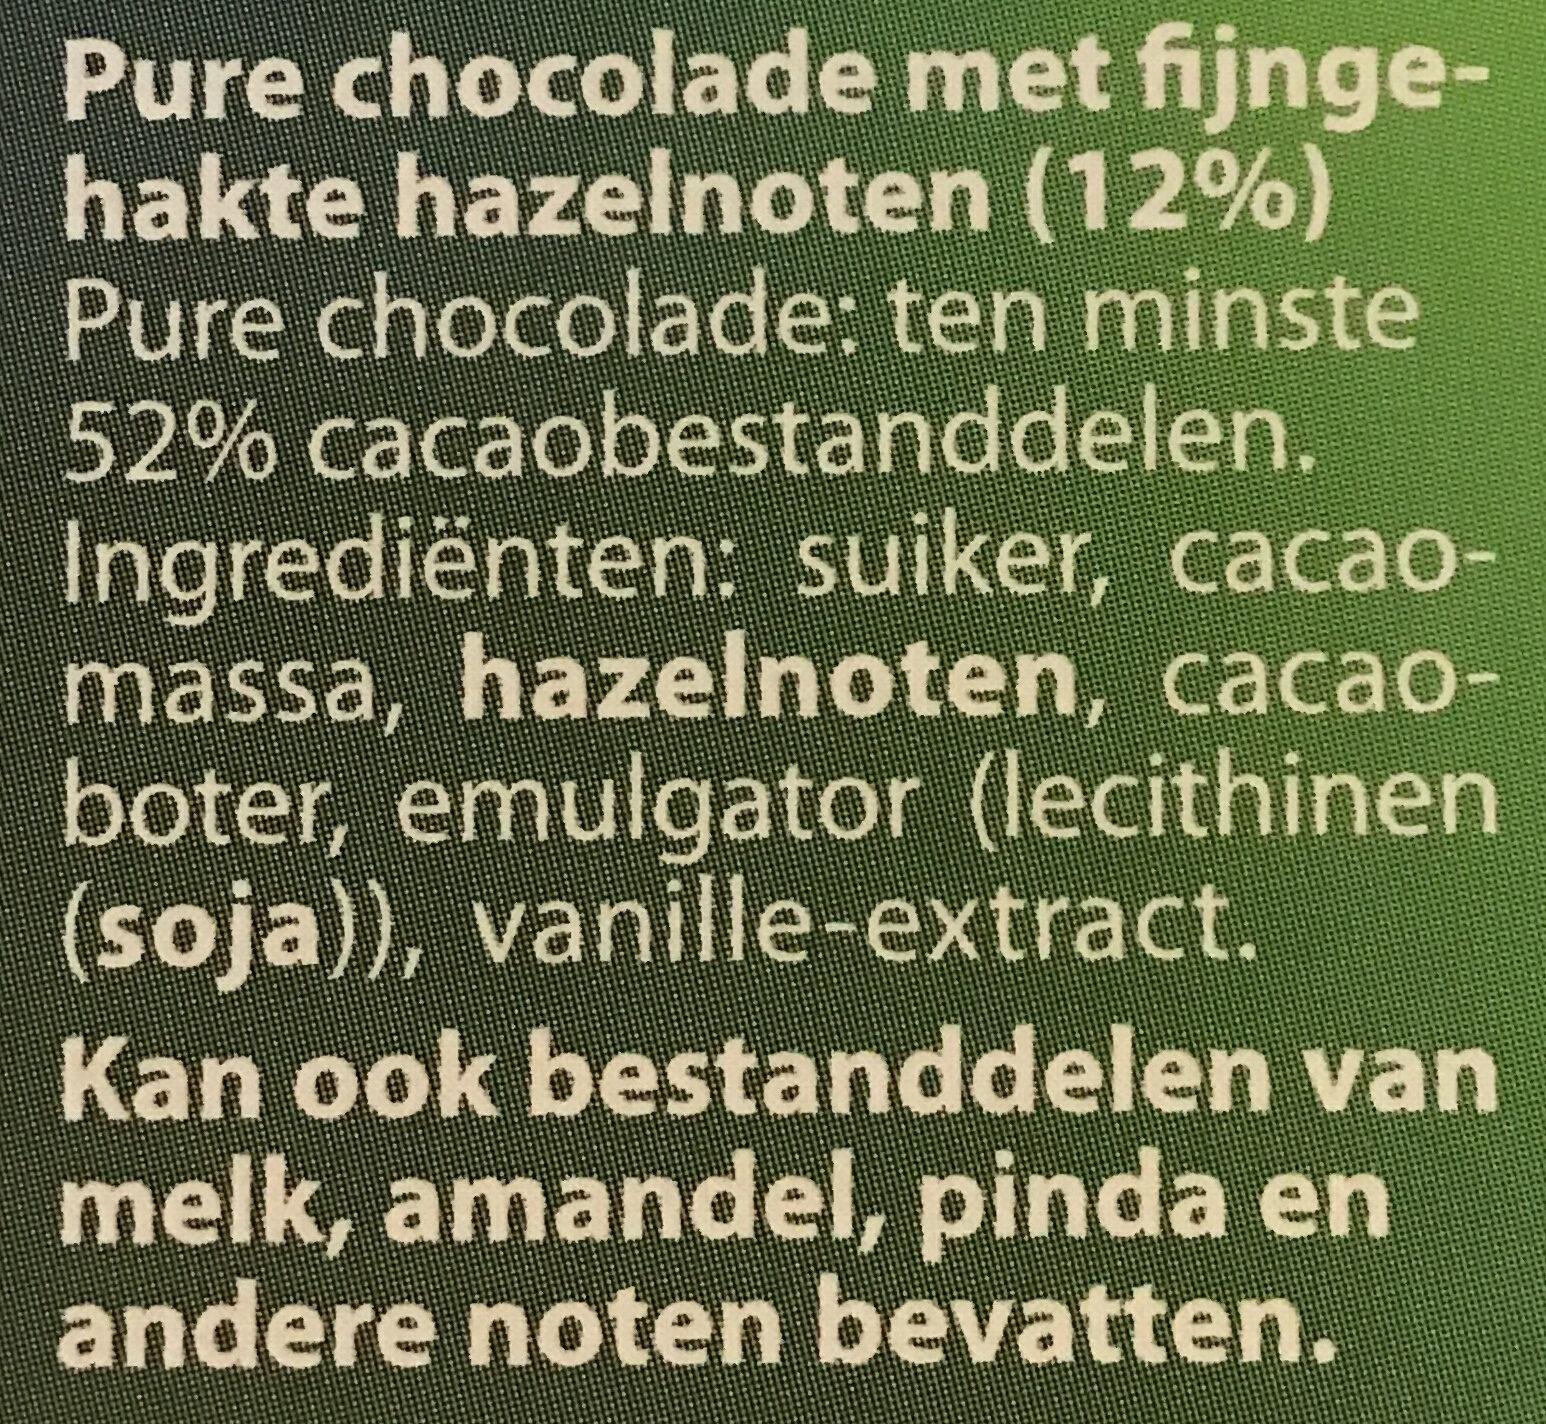 Puur Geroosterde Hazelnoot - Ingrediënten - nl